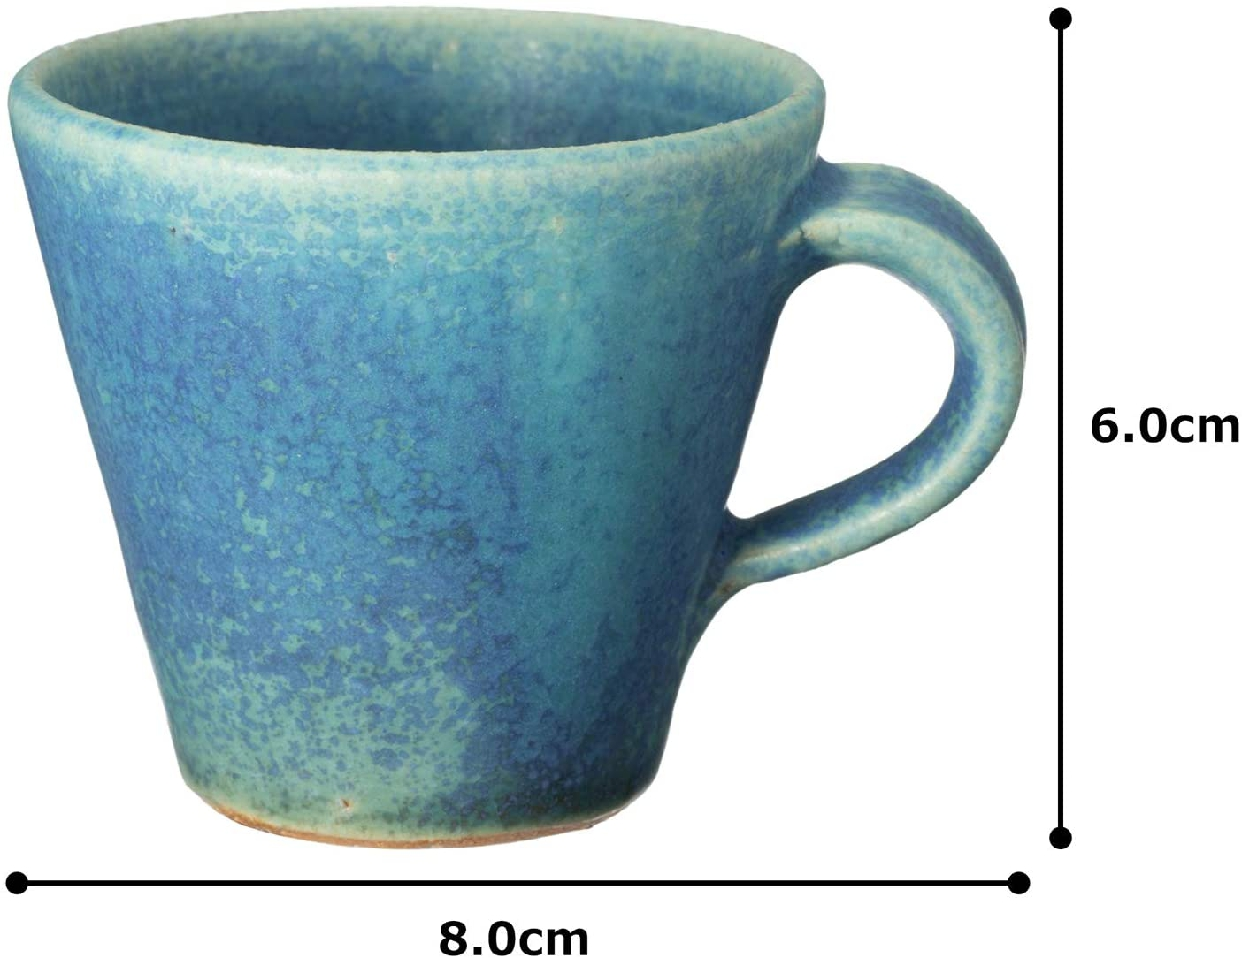 丸伊製陶 信楽焼 へちもん エスプレッソカップ 青彩釉の商品画像7